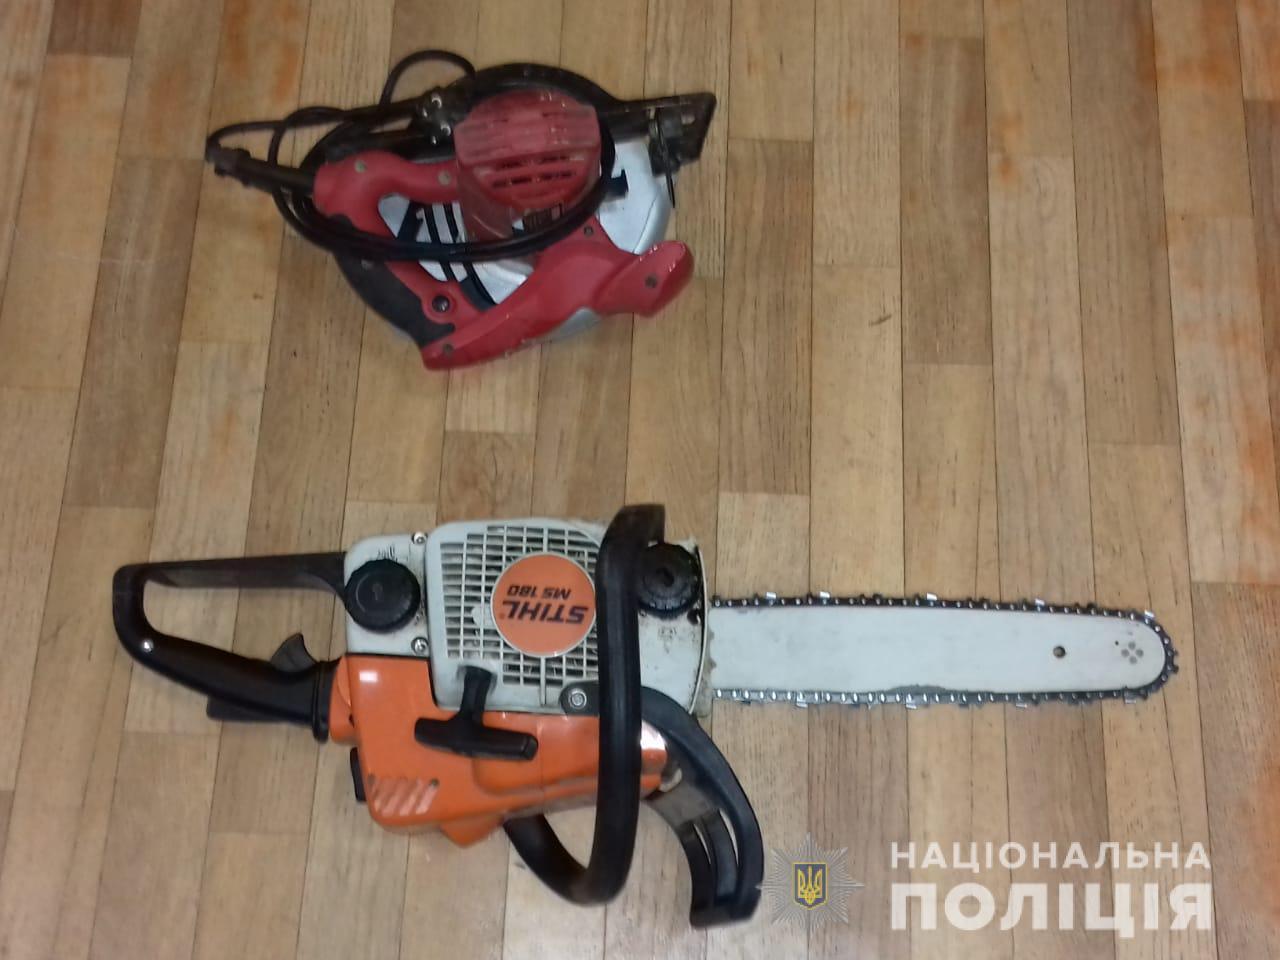 Под Киевом мужчина оставил дачников без электроинвентаря